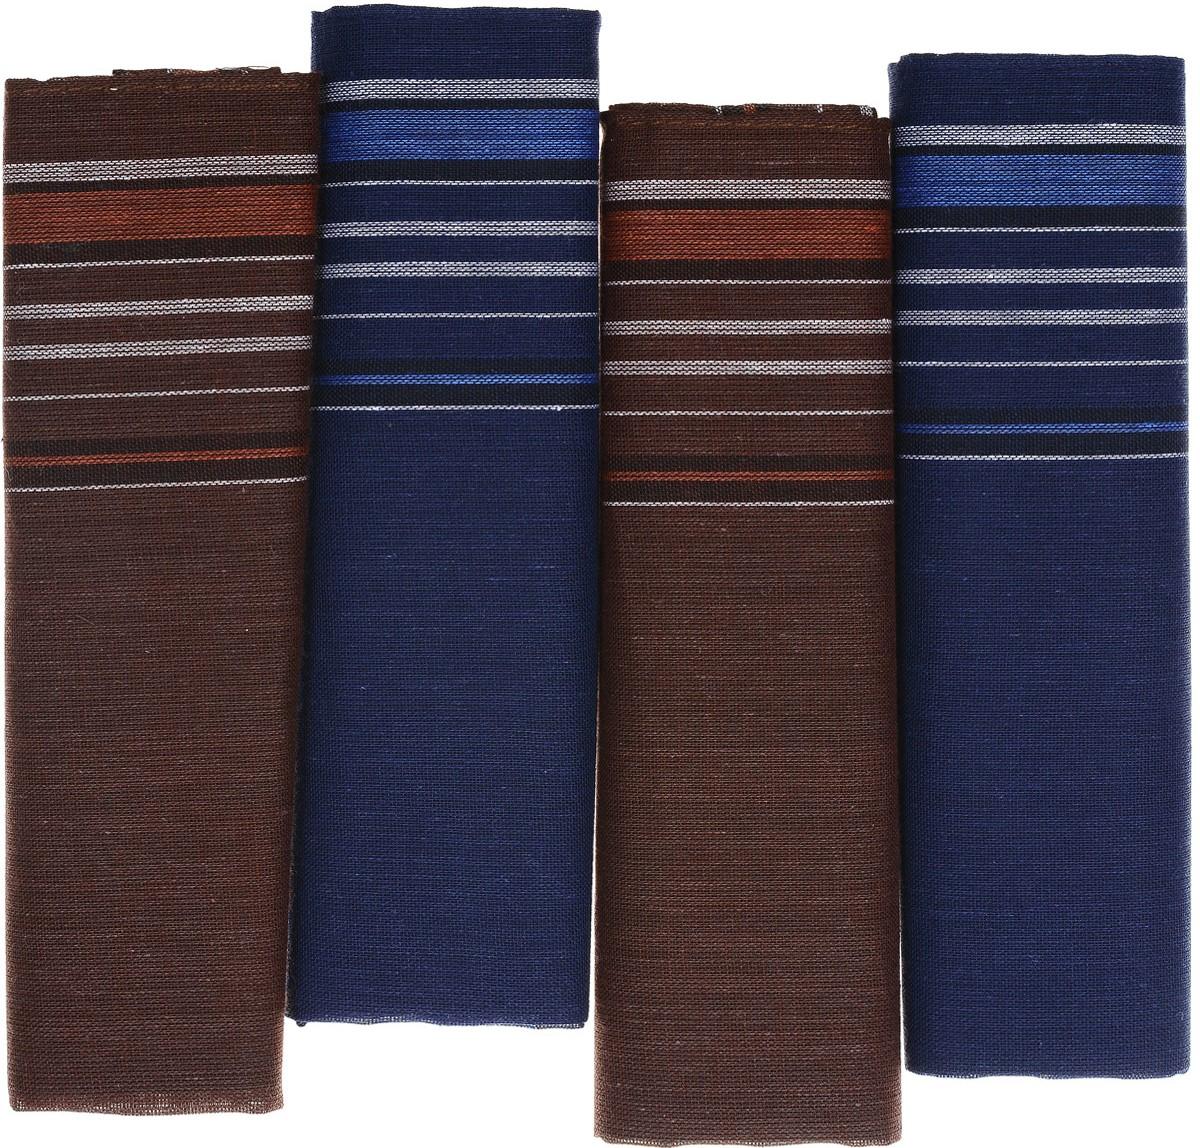 Платок носовой мужской Zlata Korunka, цвет: коричневый, синий, 4 шт. 71419-1. Размер 34 х 34 см71419-1_коричневый, синий/полоскаПлатки носовые мужские в упаковке по 4 шт. Носовые платки изготовлены из 100% хлопка, так как этот материал приятен в использовании, хорошо стирается, не садится, отлично впитывает влагу.